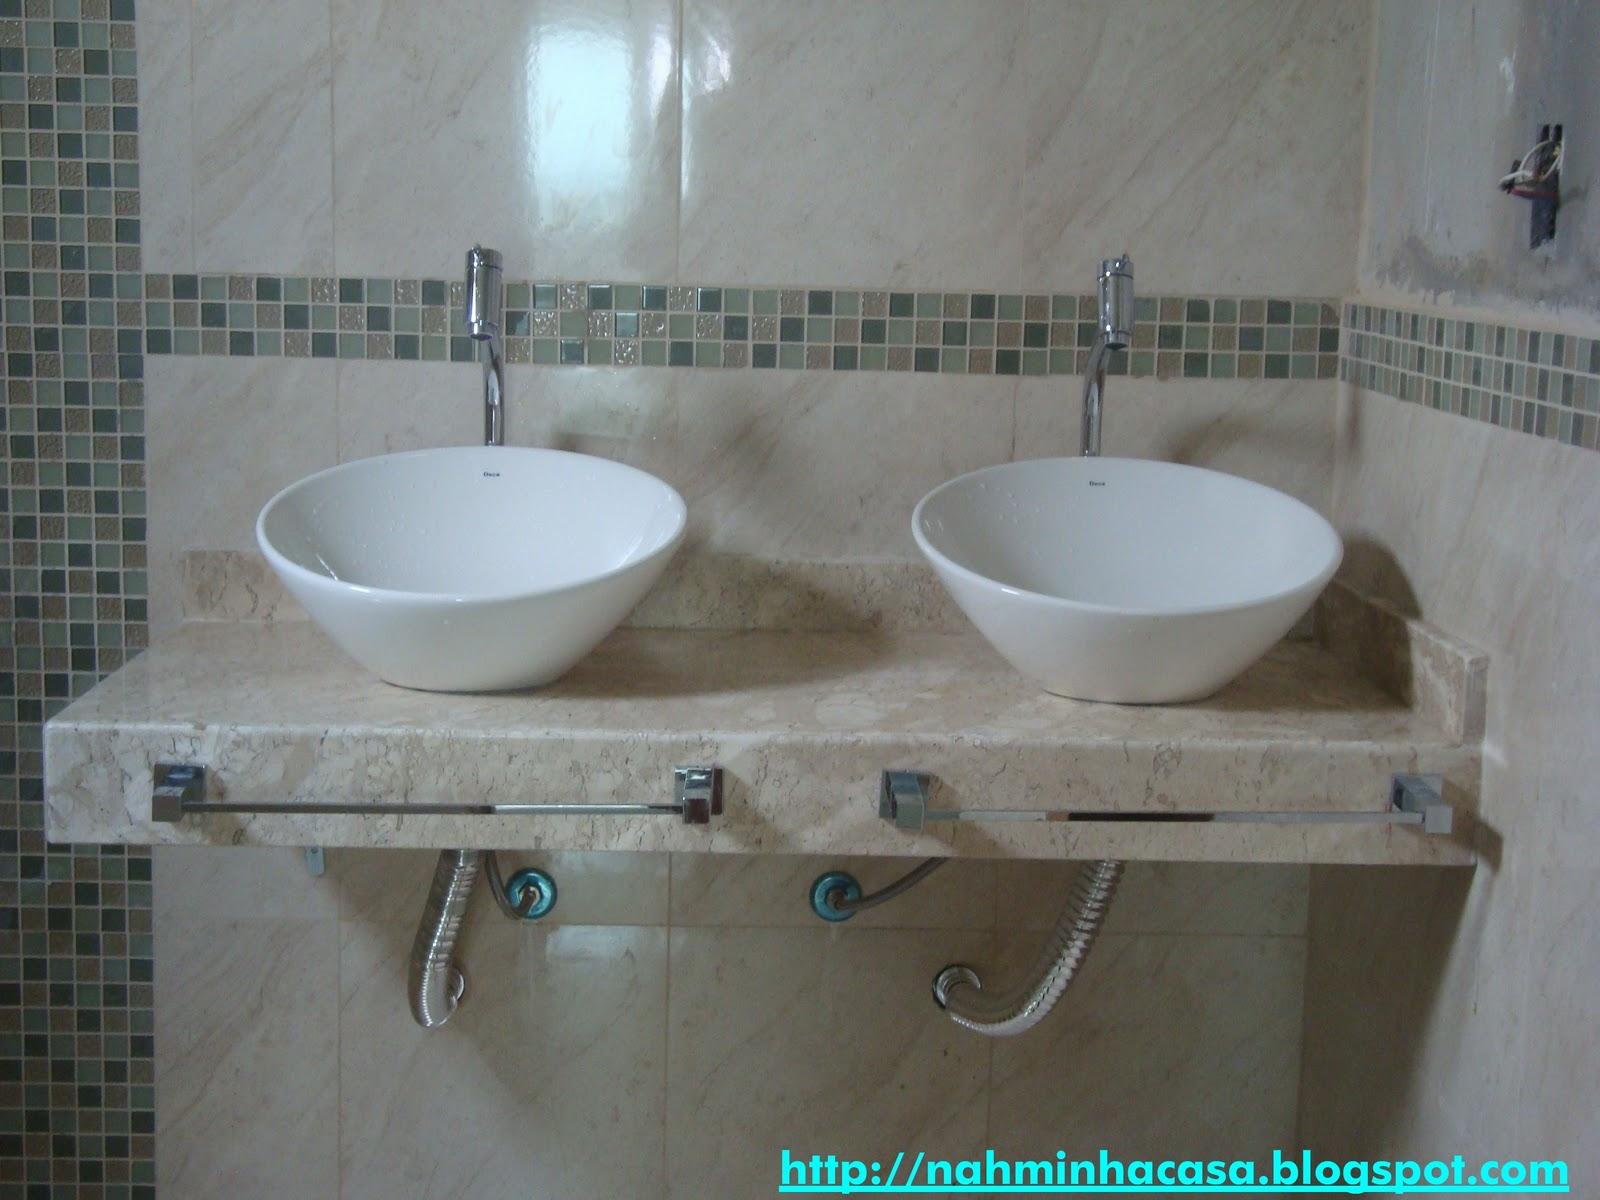 Gabinete Para Banheiro: Bancadas de banheiros em granito #19B2B1 1600x1200 Bancada Banheiro Vermelha